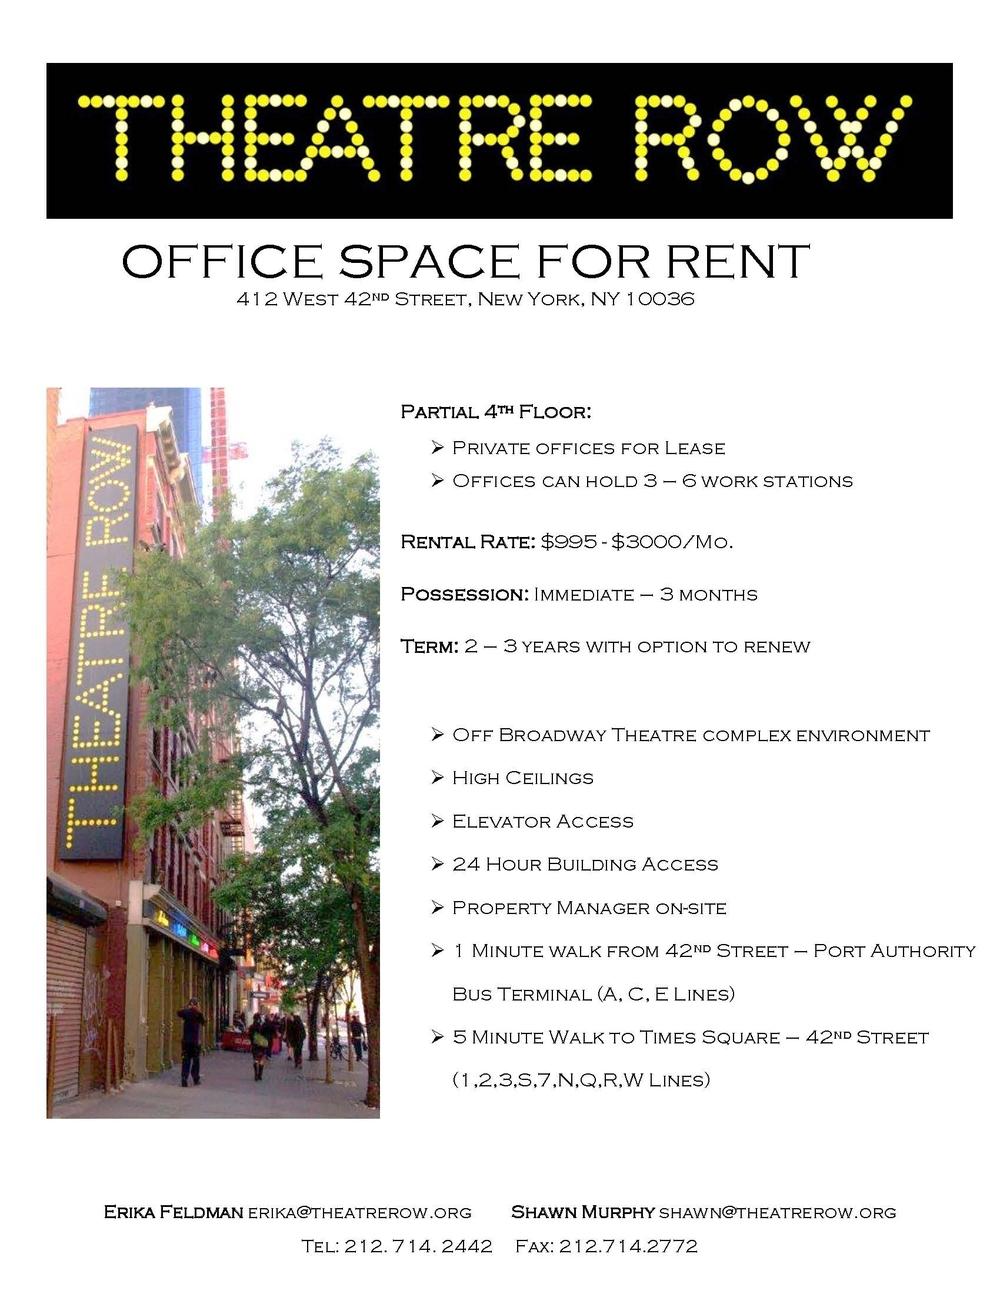 TheatreRowOfficeRentals.jpg